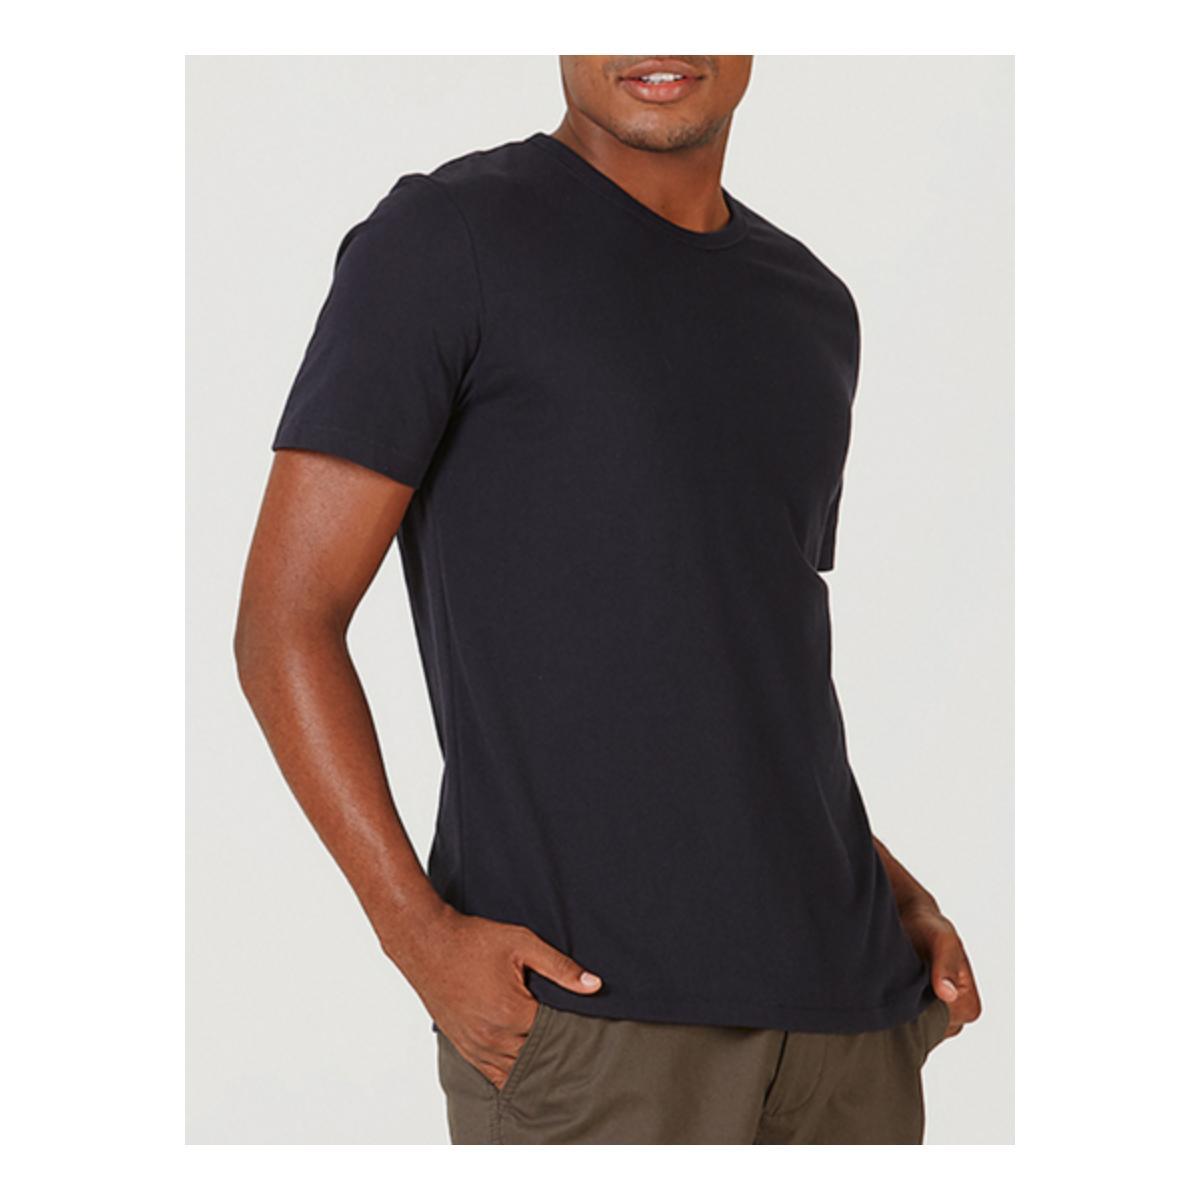 Camiseta Masculina Hering 0299 N1007s Preto